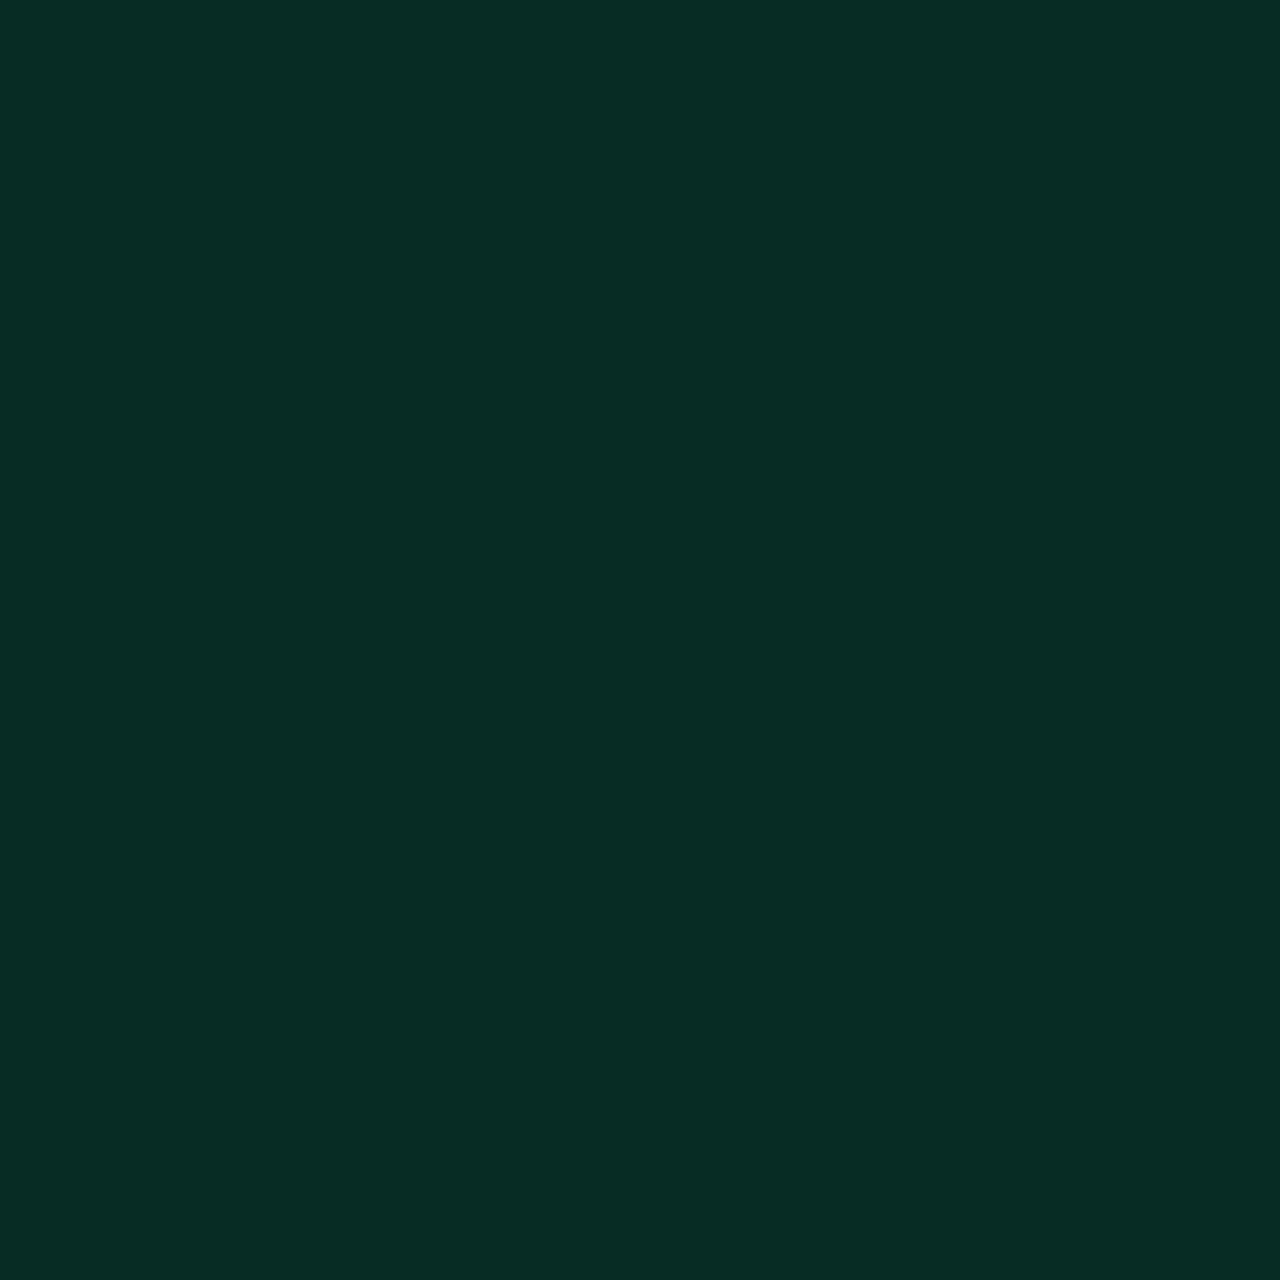 """#0126 Rosco Gels Roscolux Green Cyc Silk, 20x24"""""""